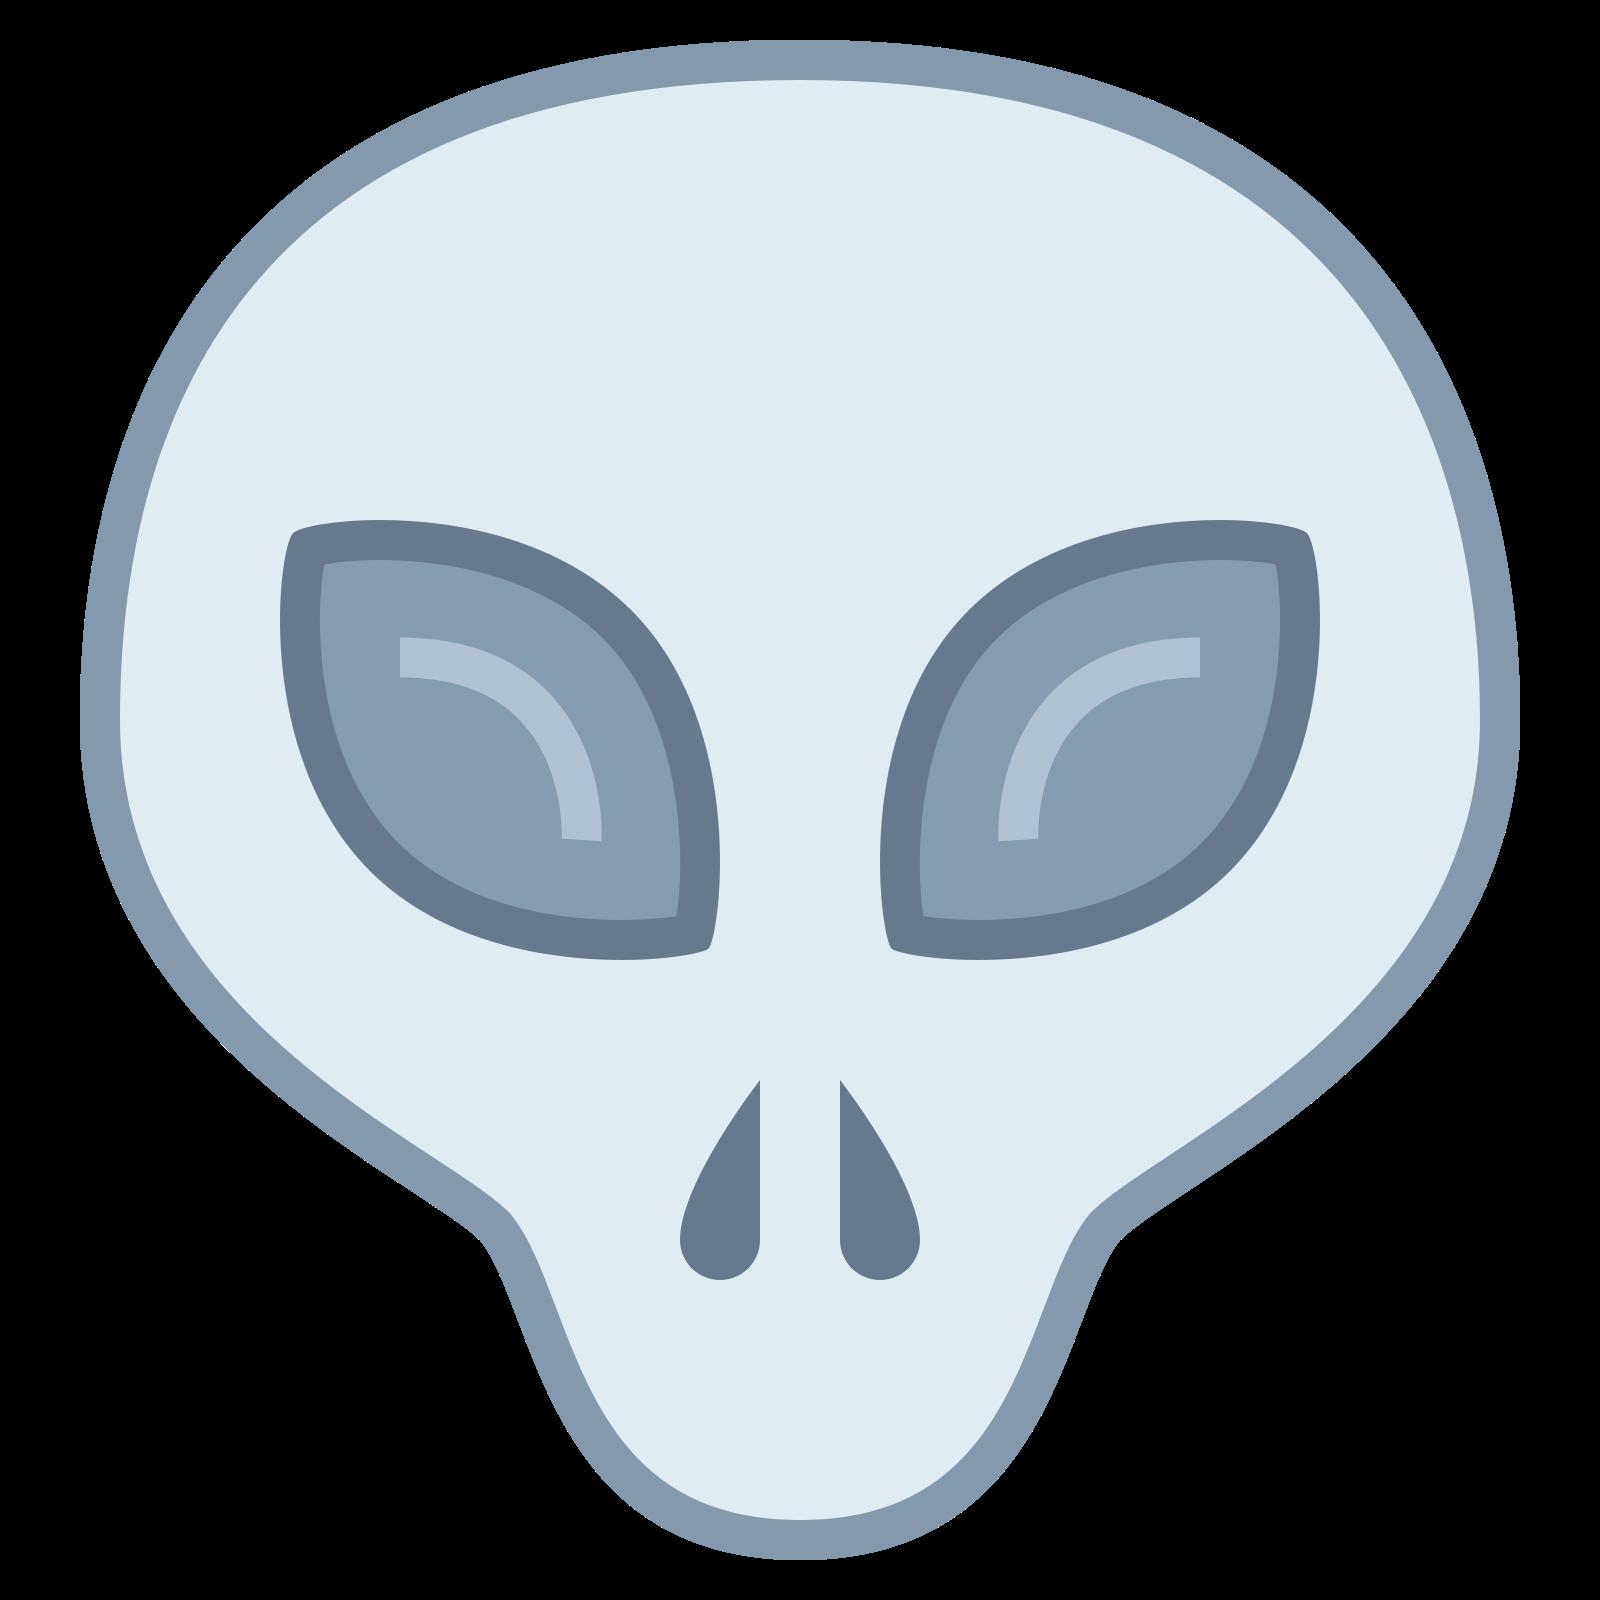 Szary icon